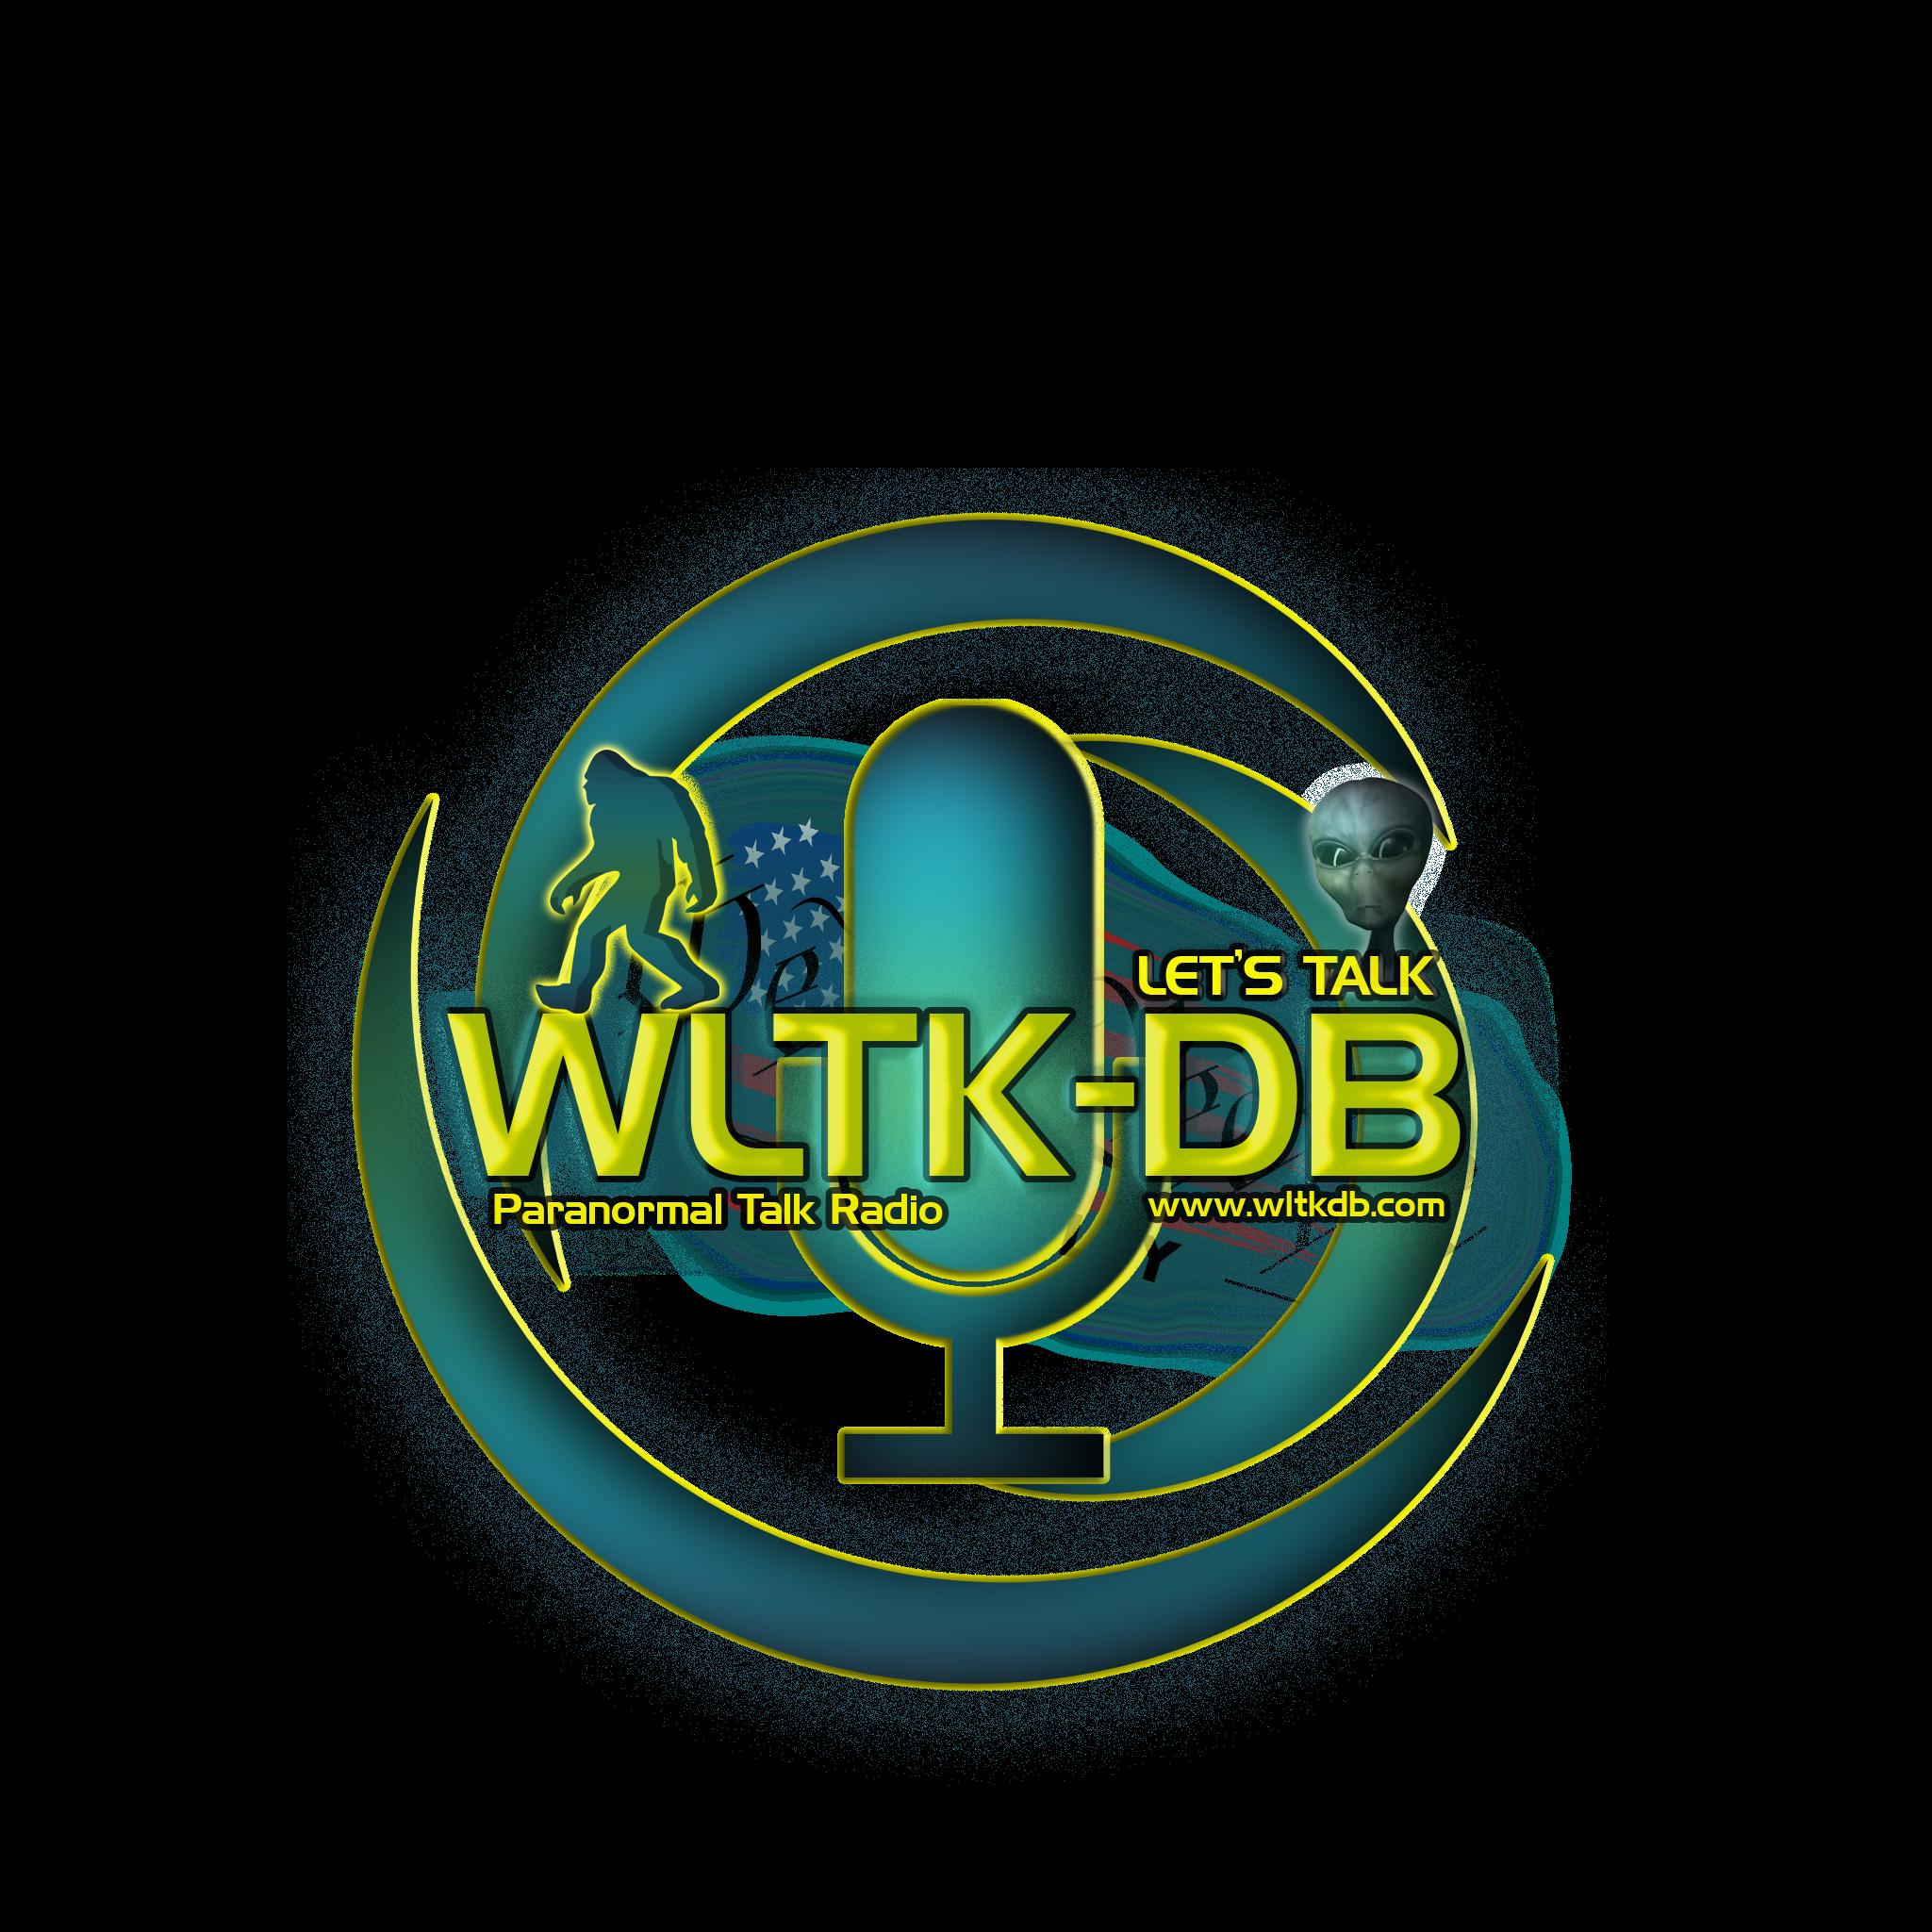 WLTK-DB Alternative Talk - Let's Talk